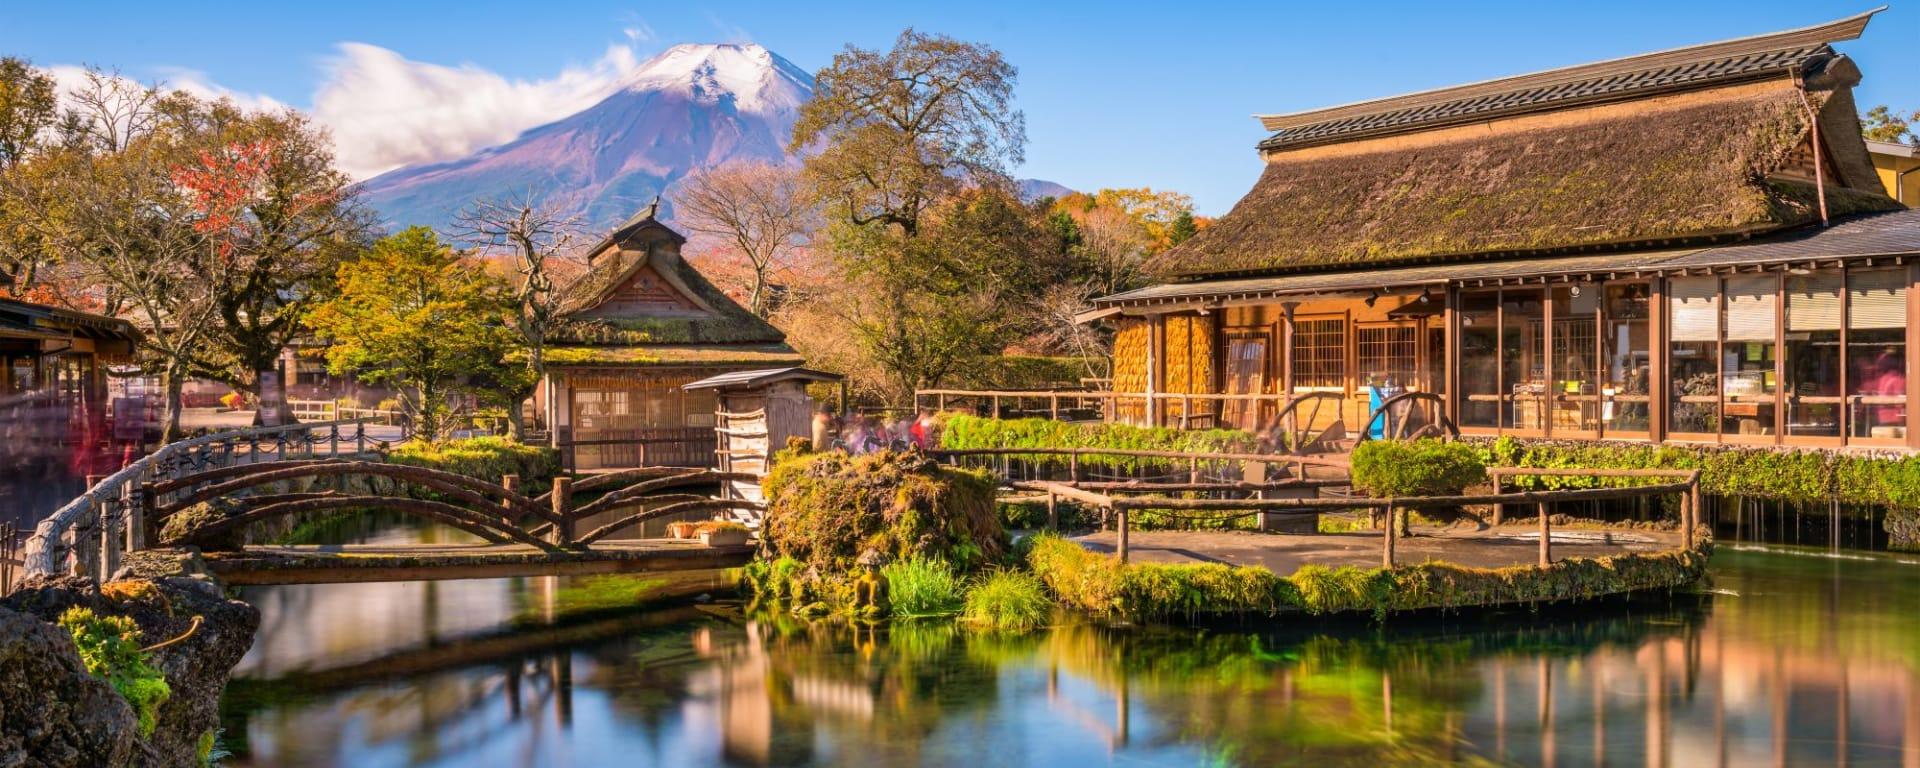 Wissenswertes zu Japan Reisen und Ferien: Oshino Hakkai with Mt. Fuji in the background.